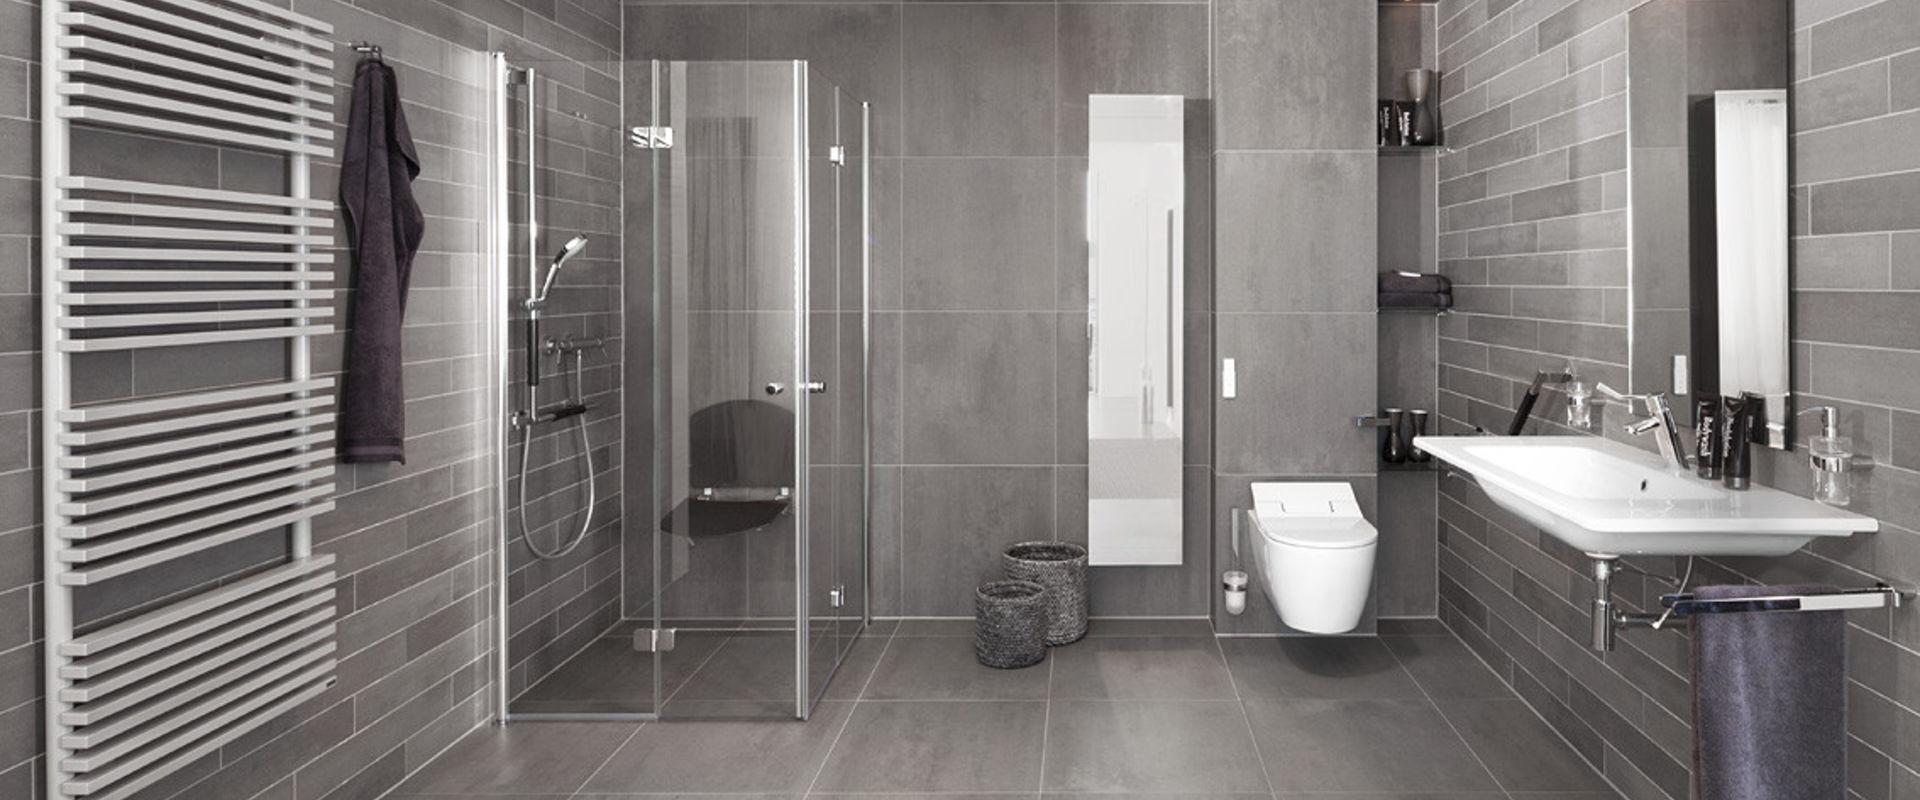 Betonlook badkamers bij Wooning